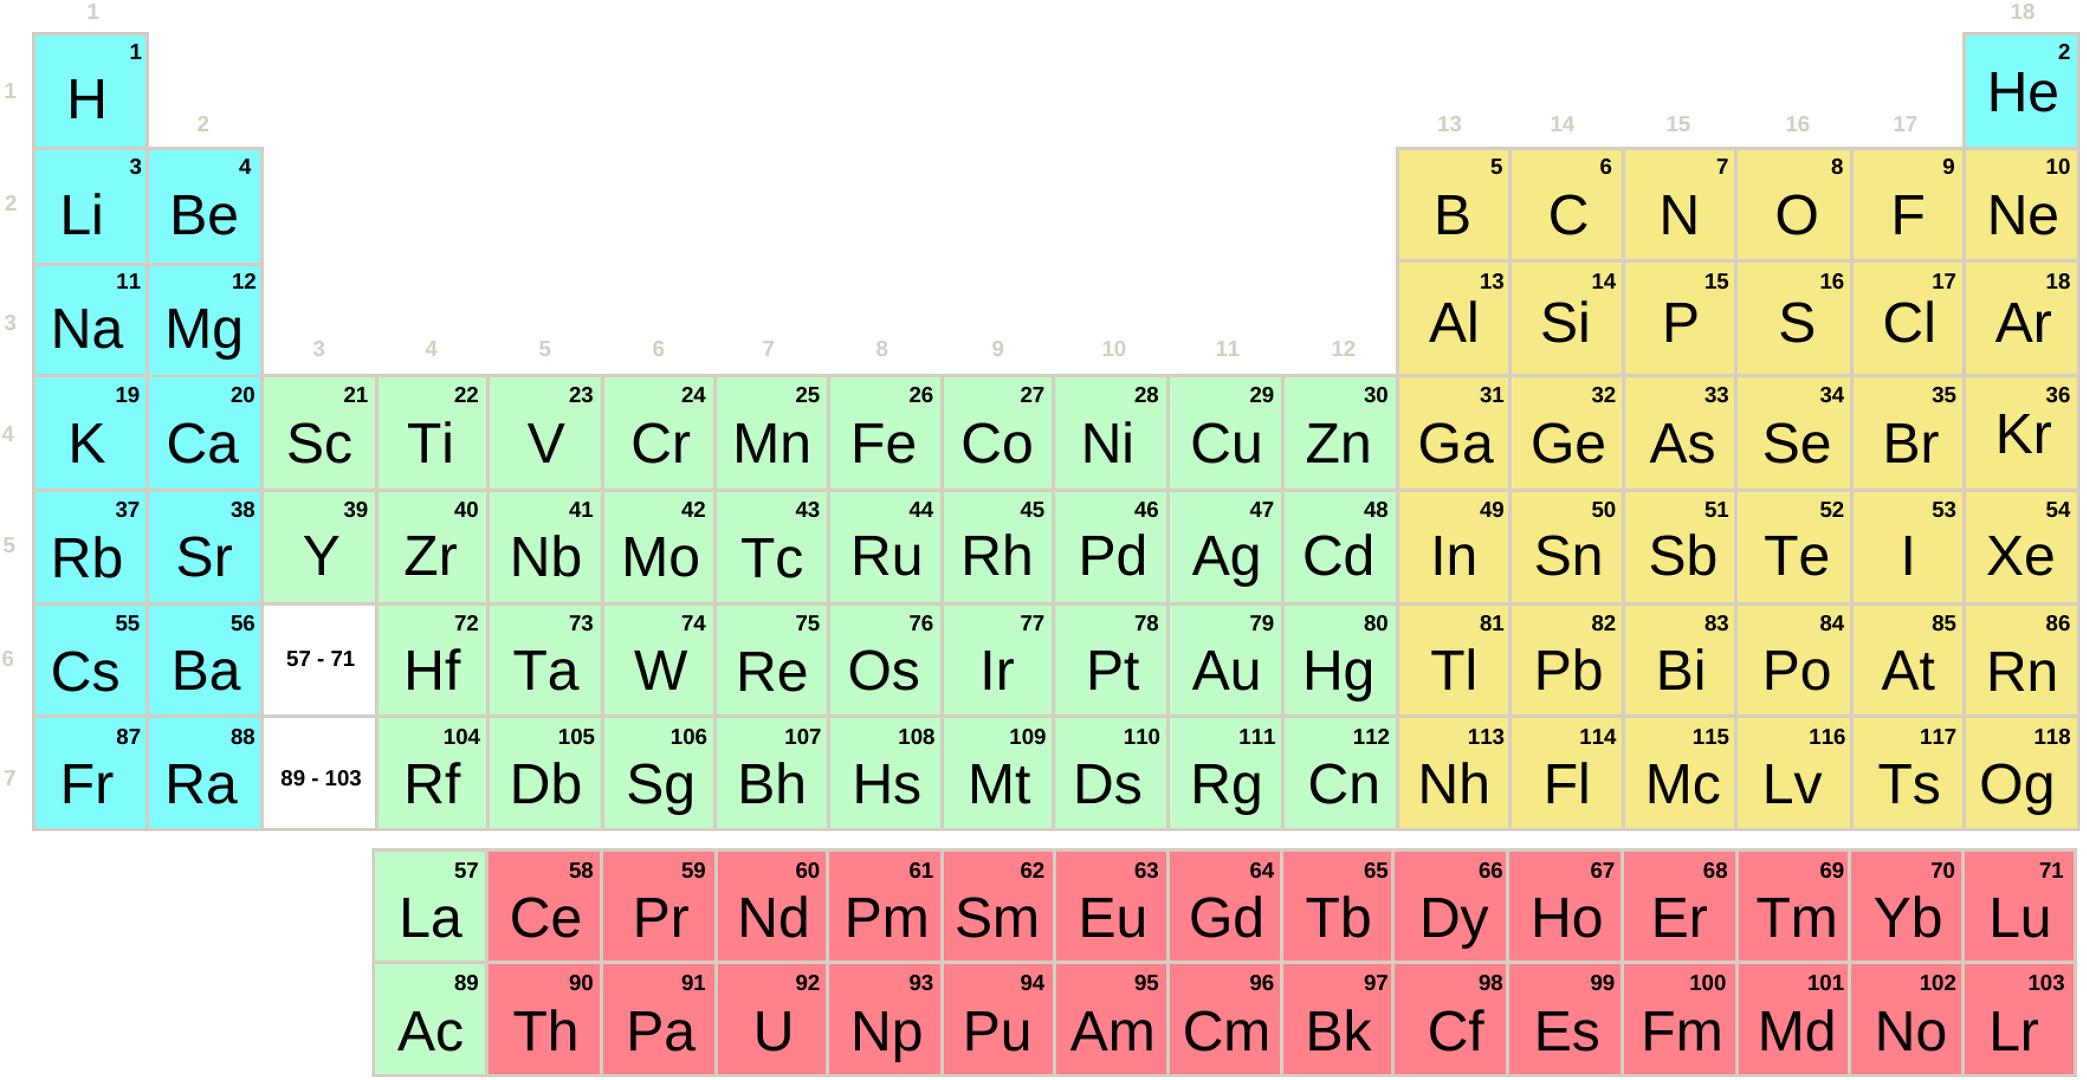 Periodensystem von SDPF-Blöcken mit Symbolen (einfach)